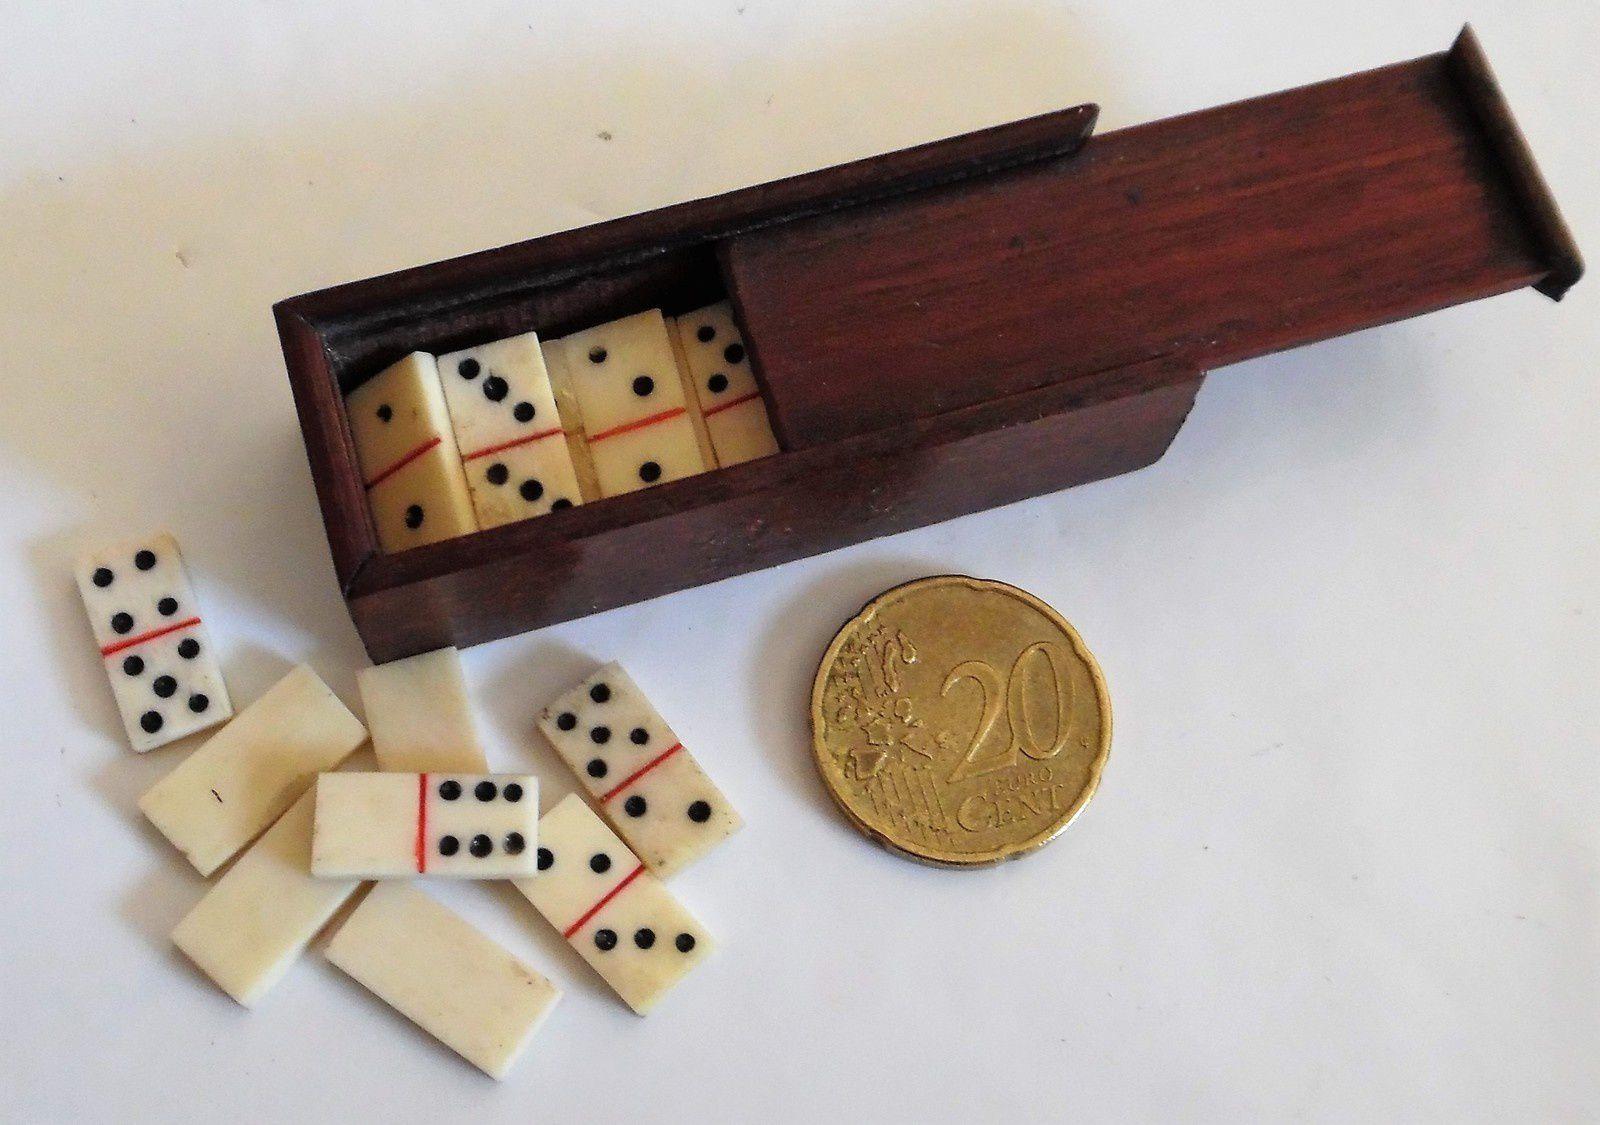 Jeux Traditionnels Jeu De Domino En Coffret Bois Jeux Jeux à Jeu Du Domino